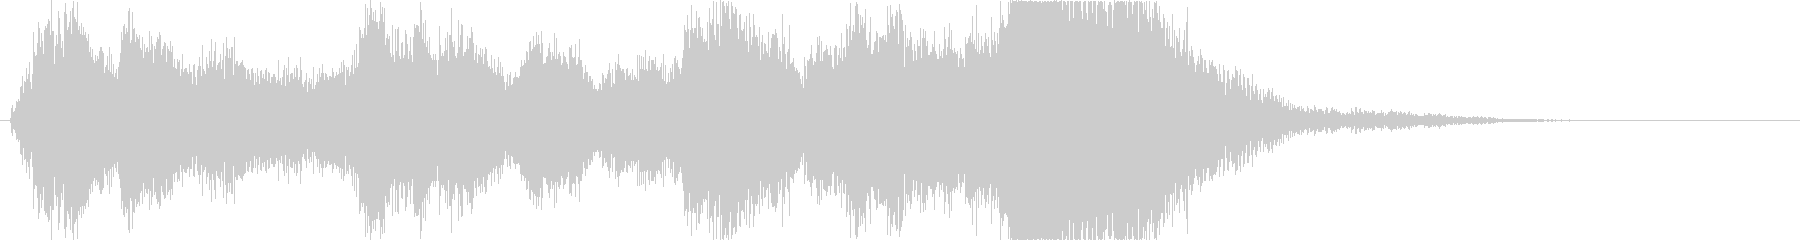 オーケストラによる壮大で明るいジングルの未再生の波形